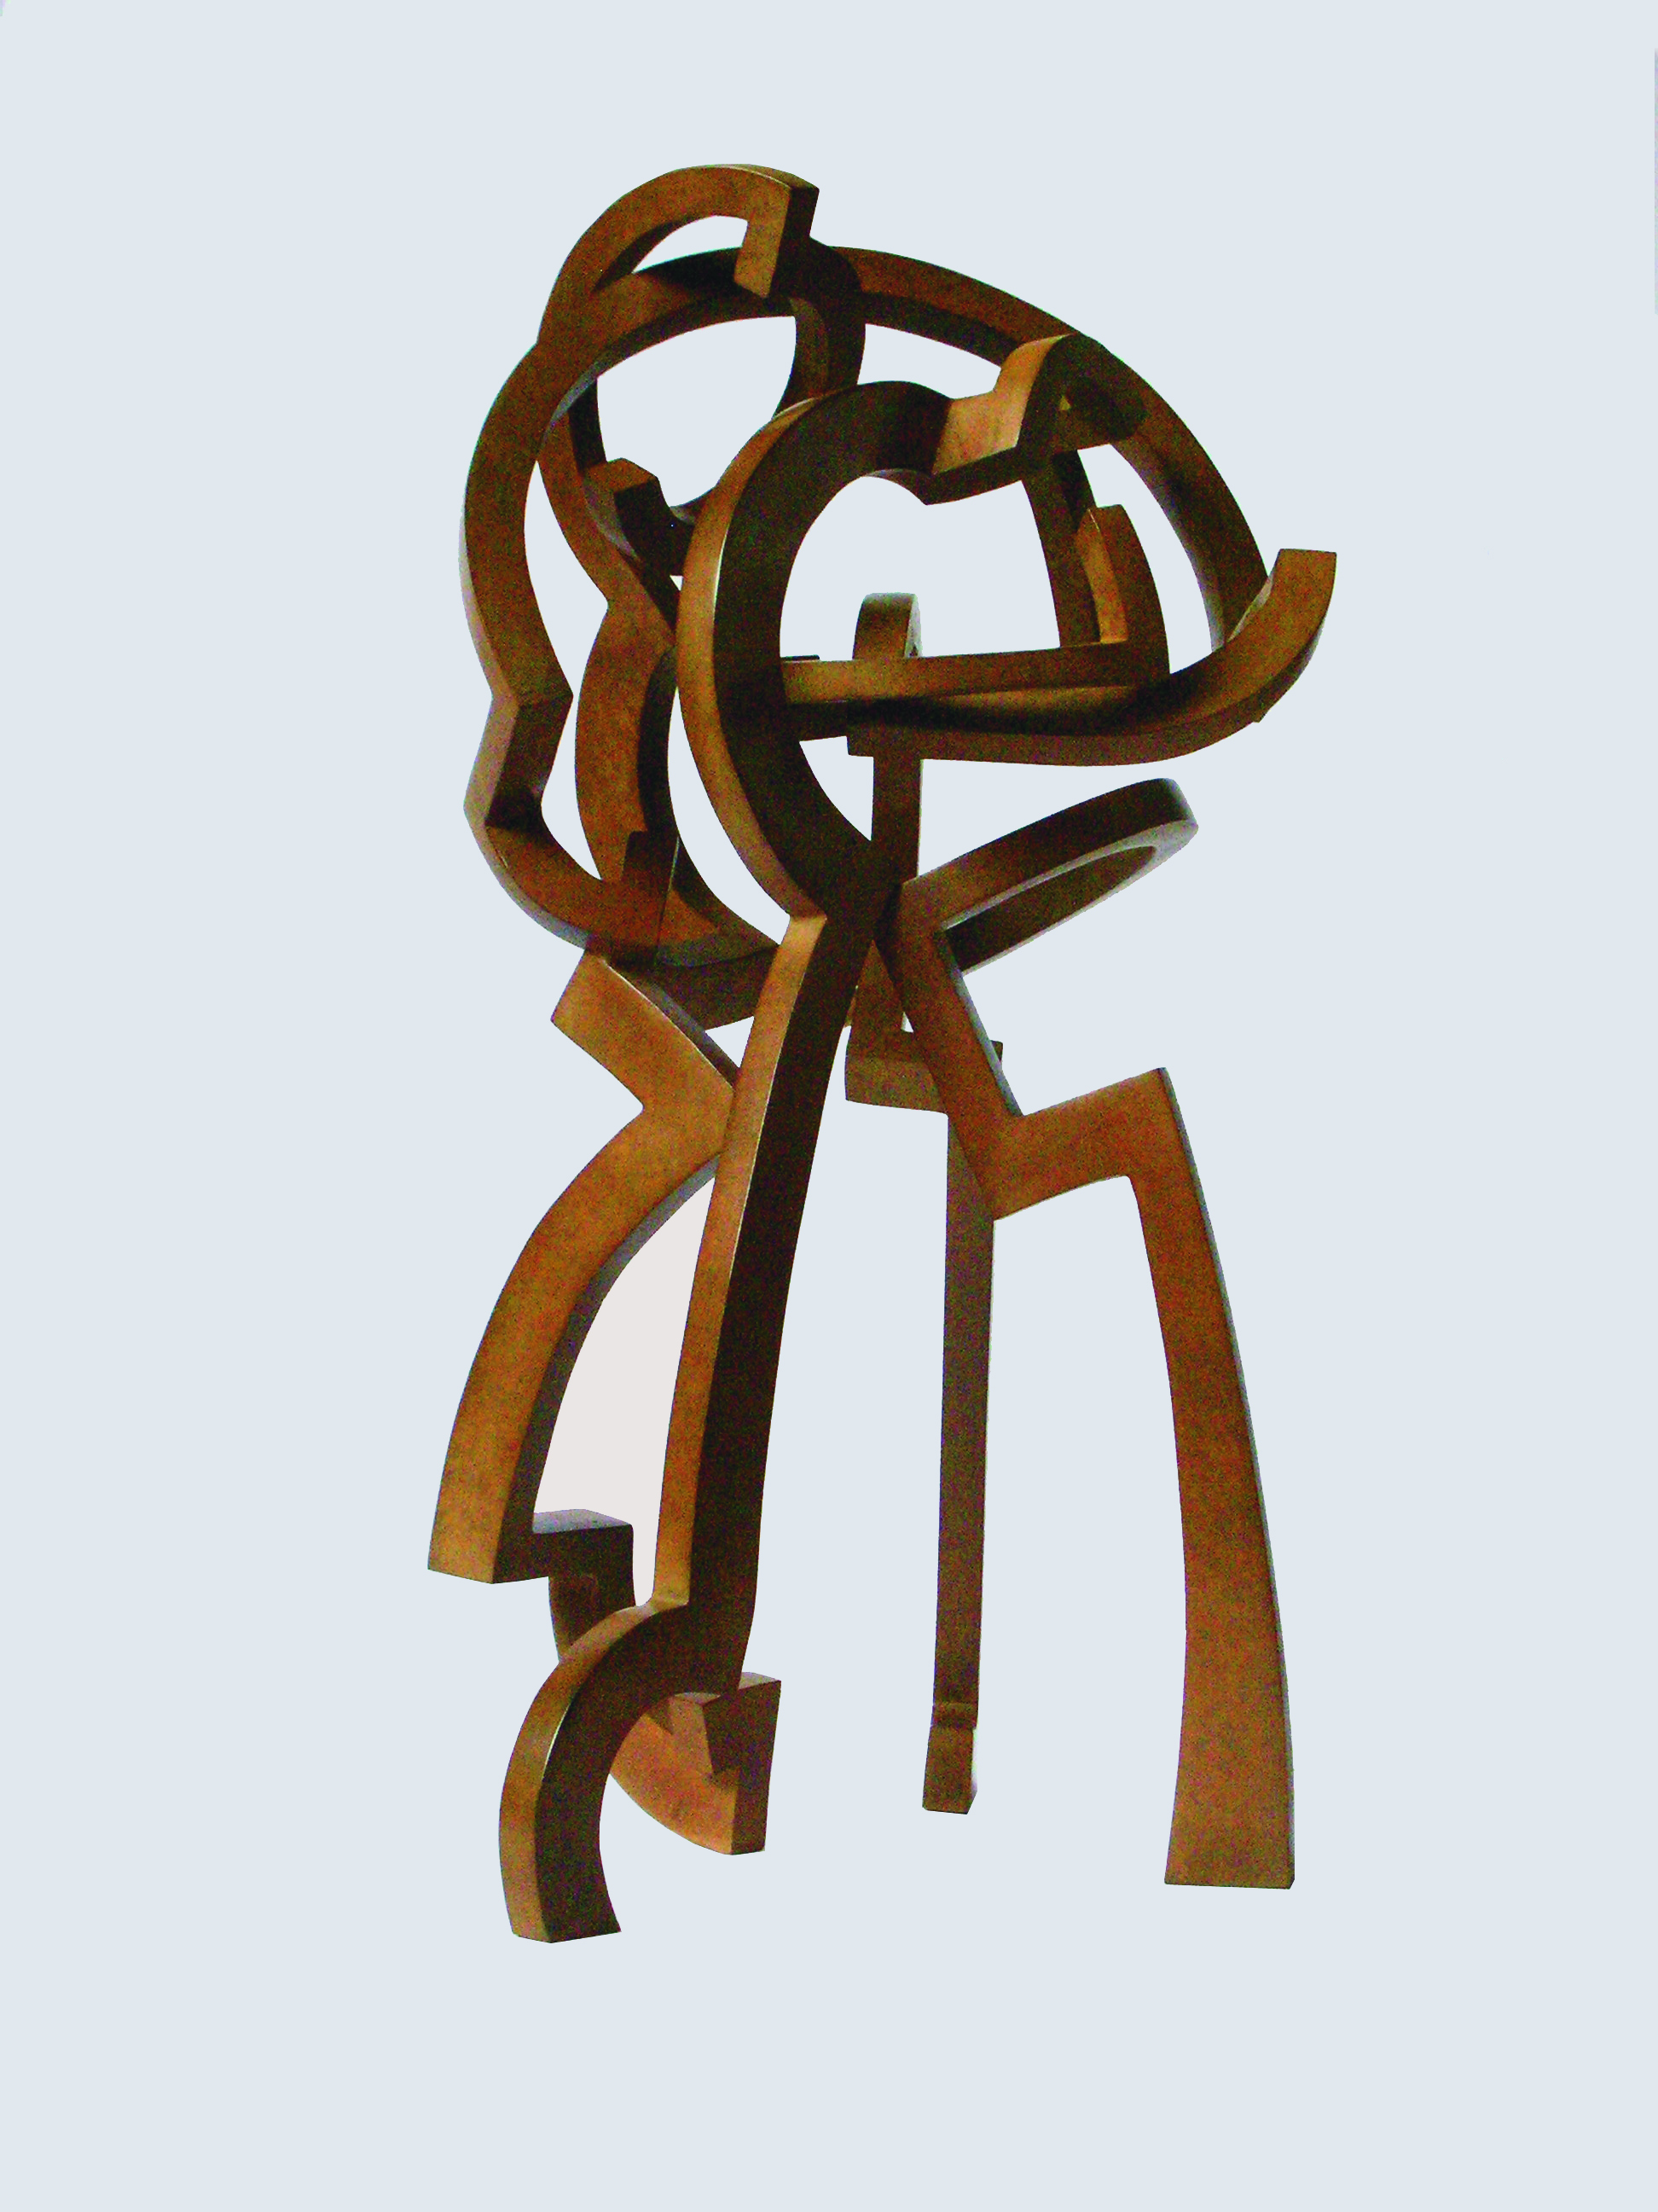 cordero-riccardo-bozzetto-et-2007-bronzo-cm-48-5-x-24-x-21-copia